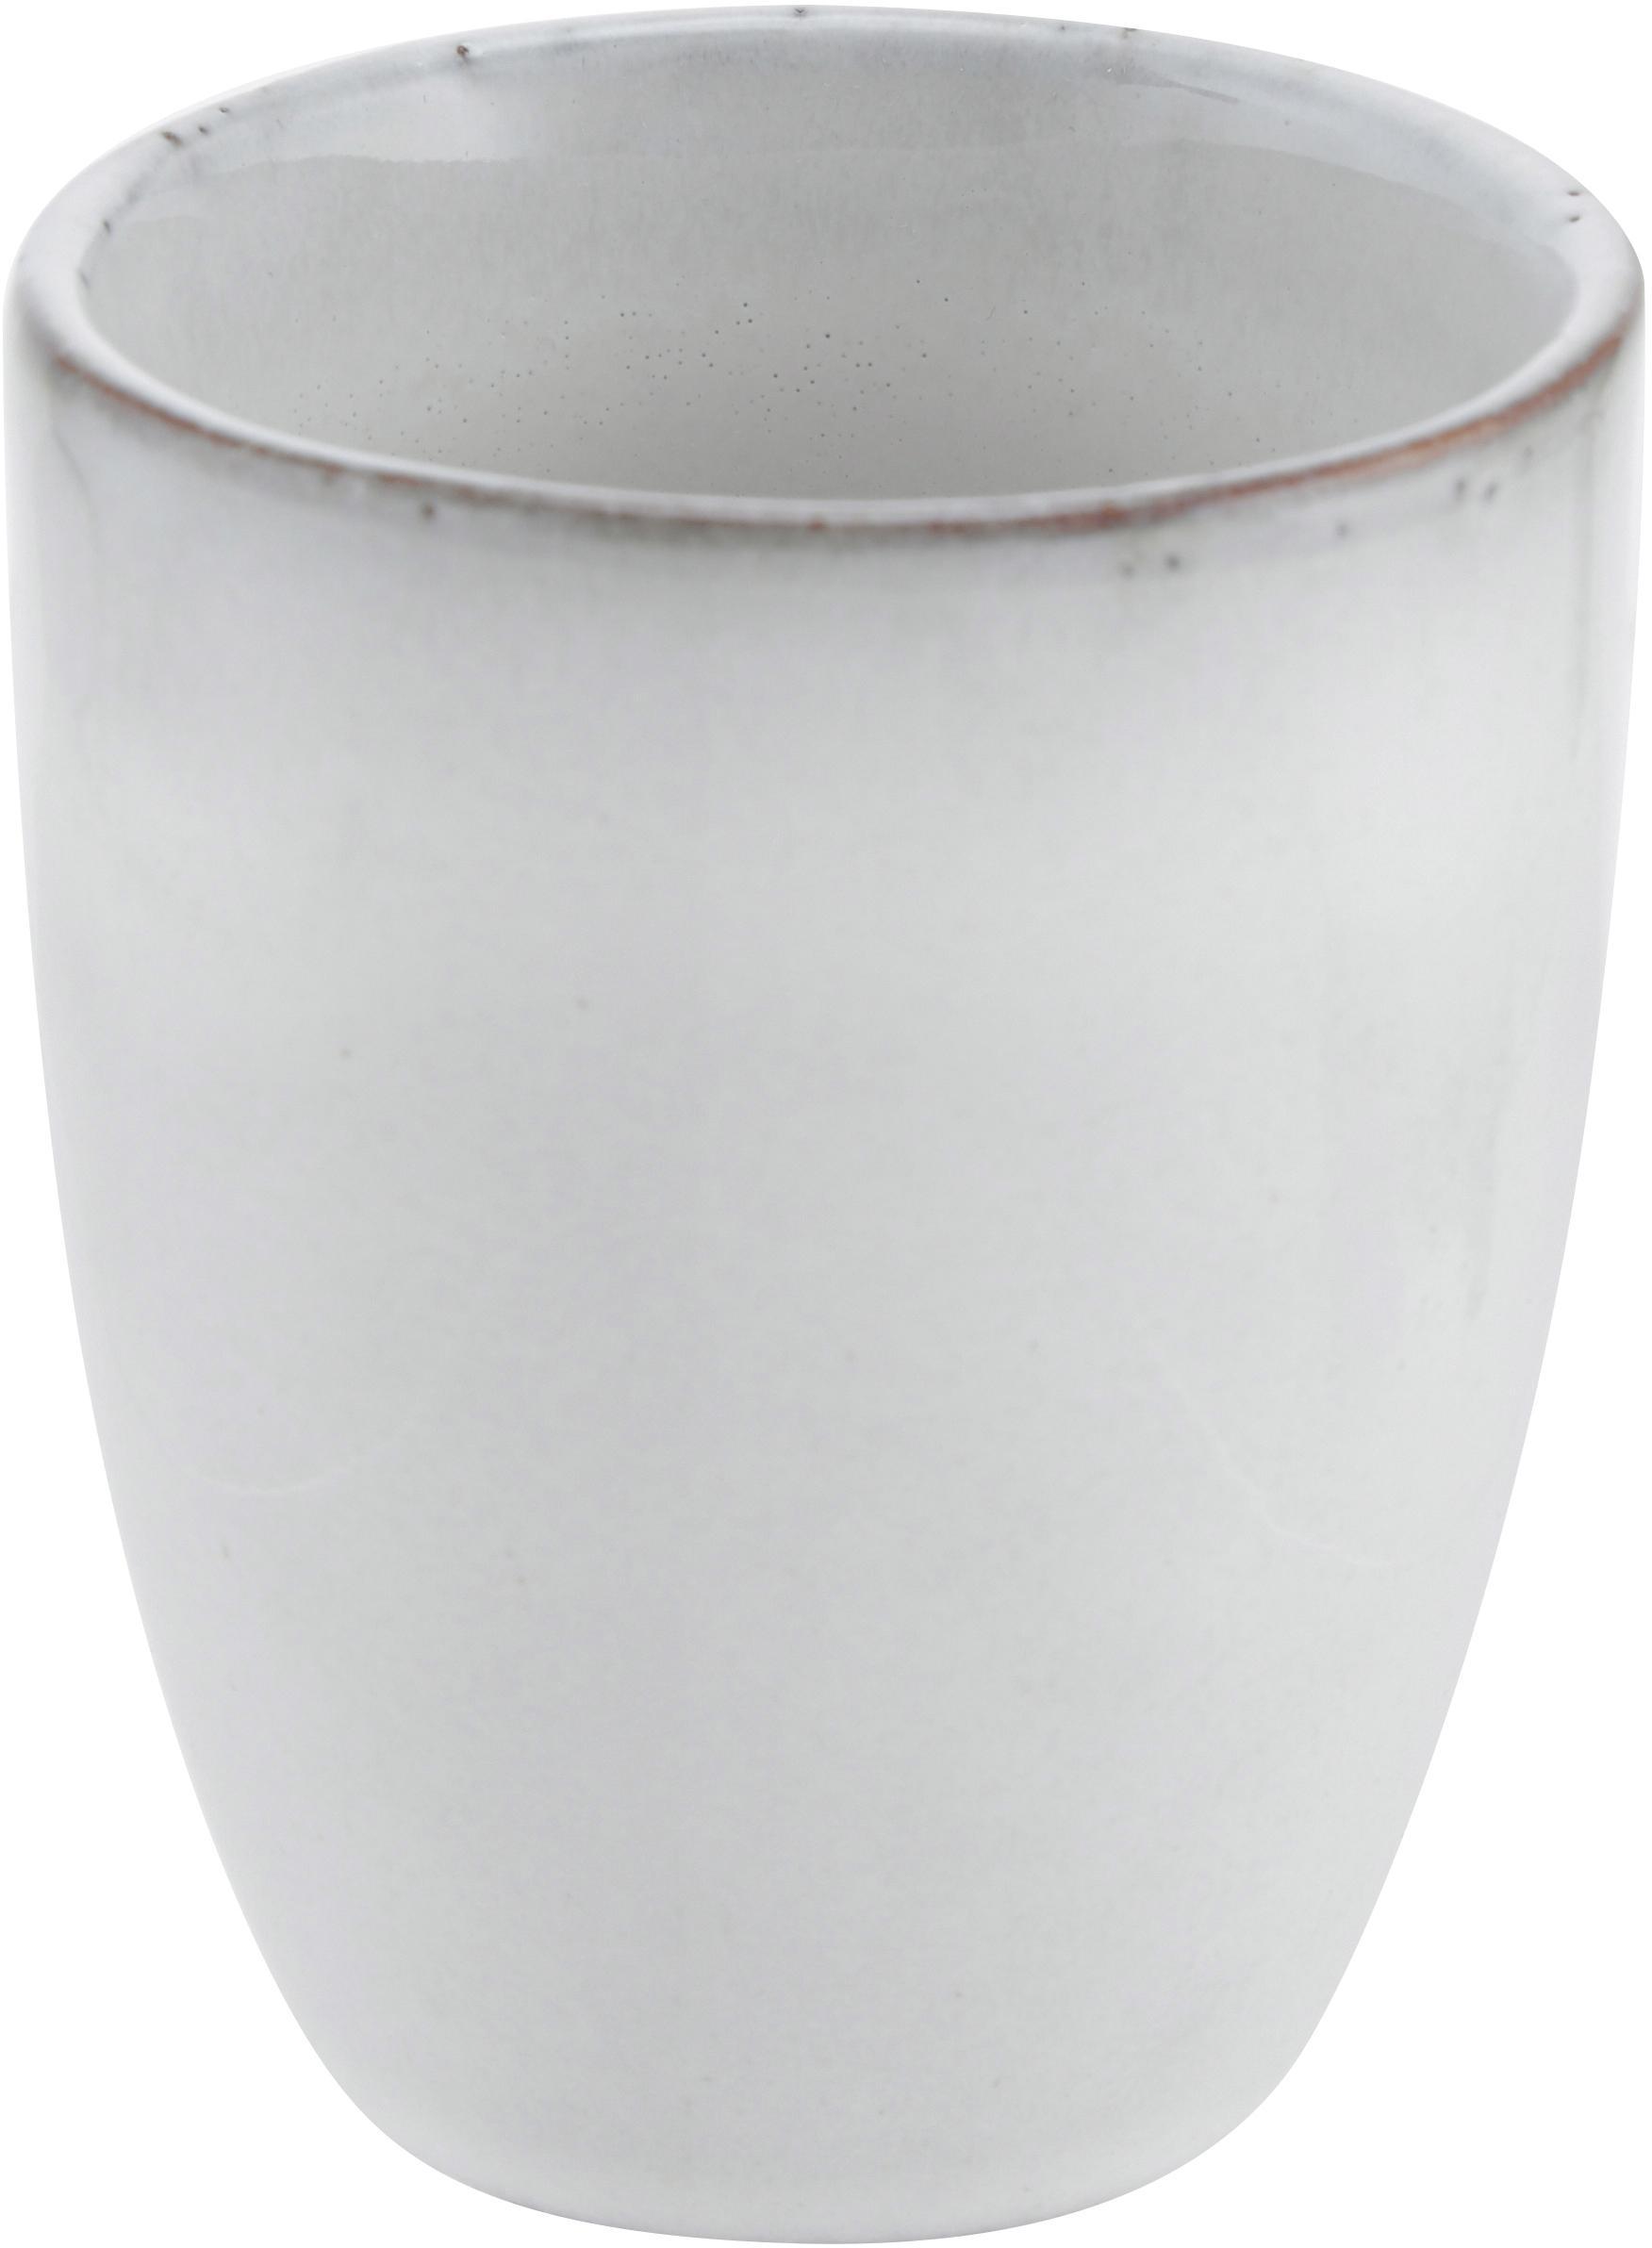 Tazza da caffè fatta a mano Nordic Sand 6 pz, Terracotta, Sabbia, Ø 7 x Alt. 8 cm